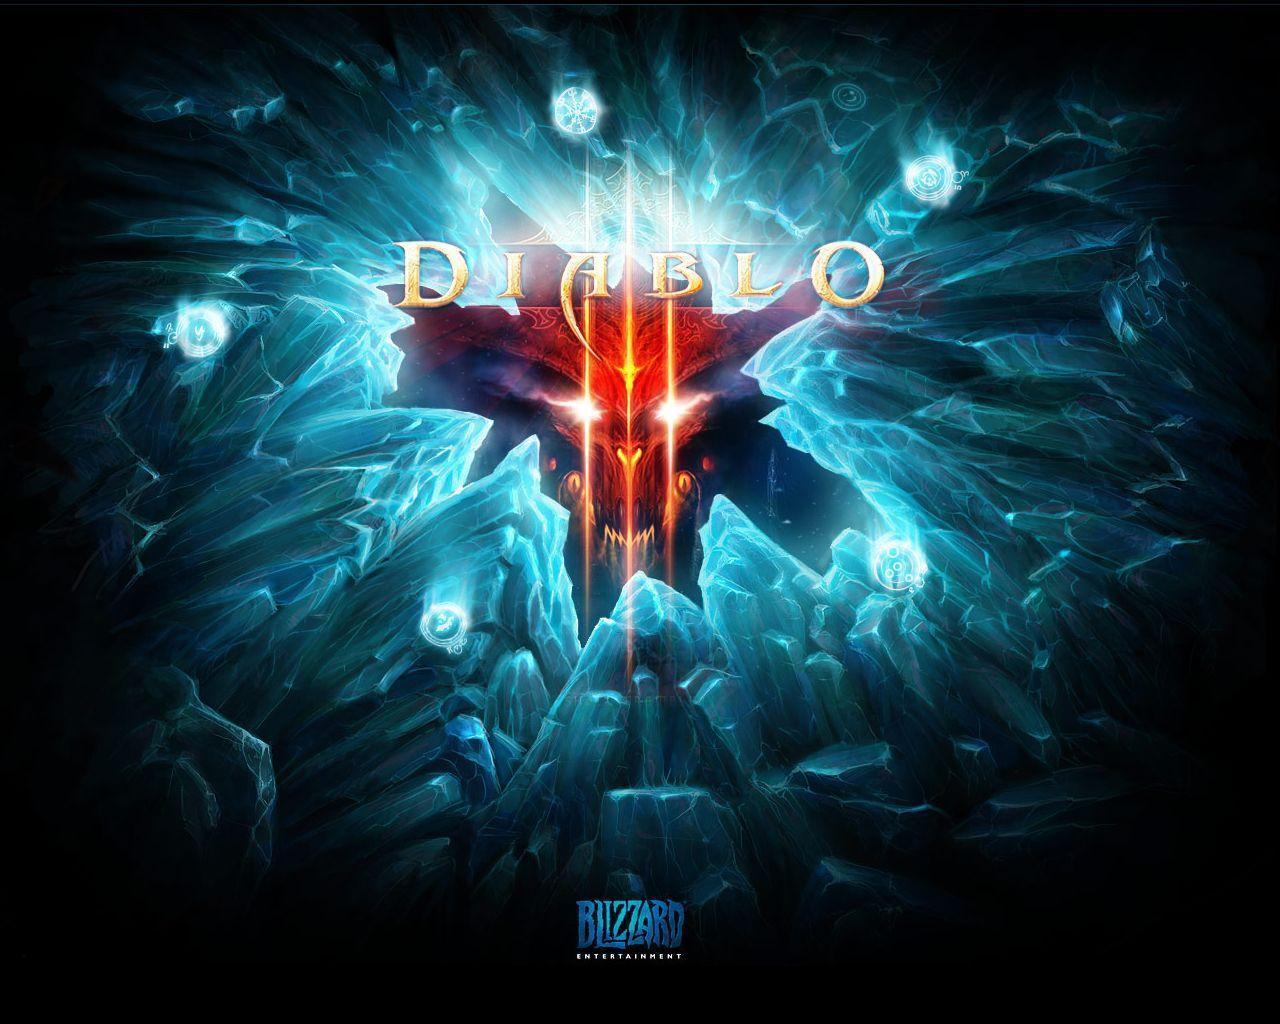 Diablo 2 Wallpaper - WallpaperSafari